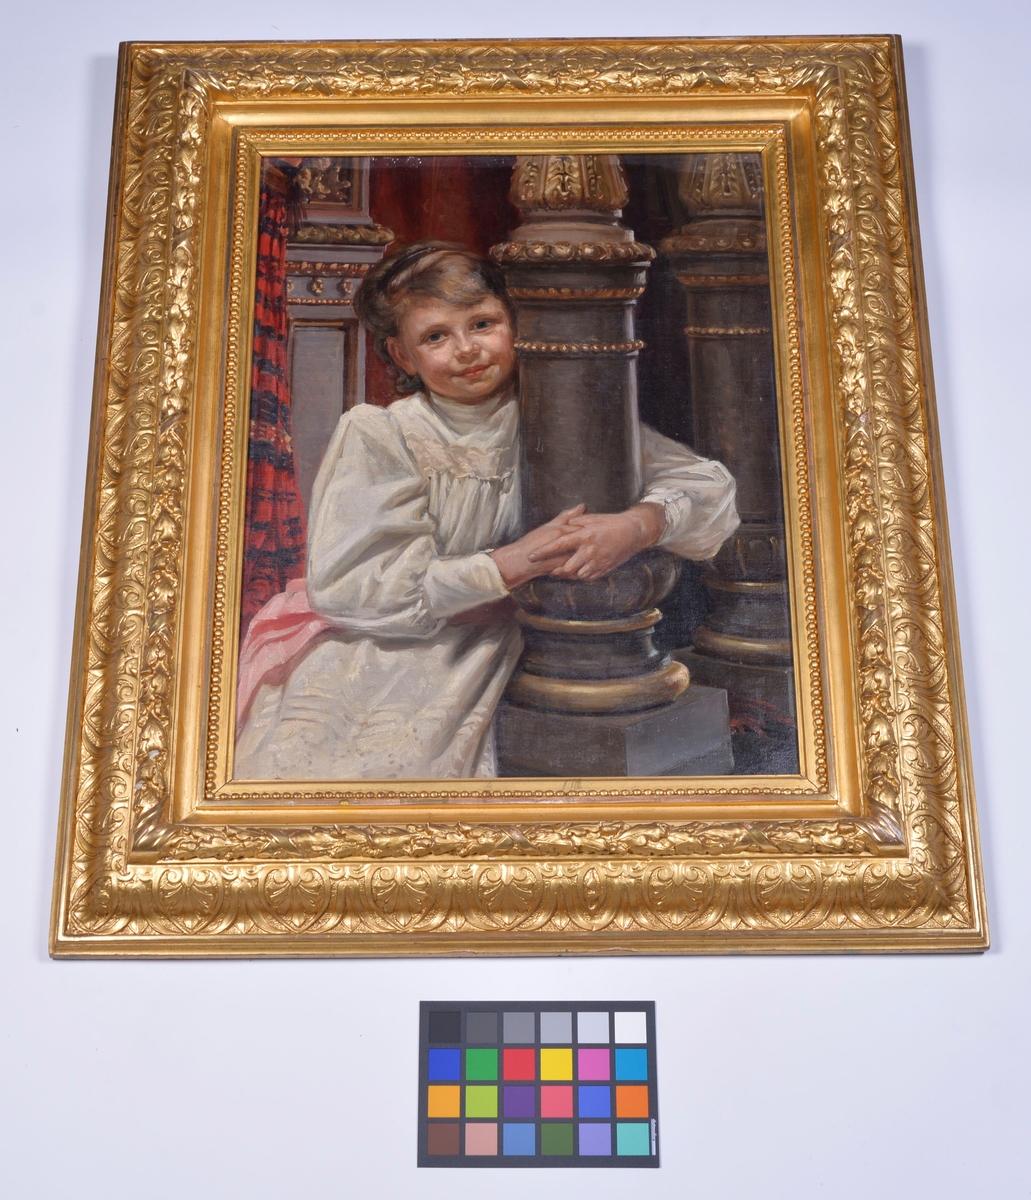 Bib Adelsköld